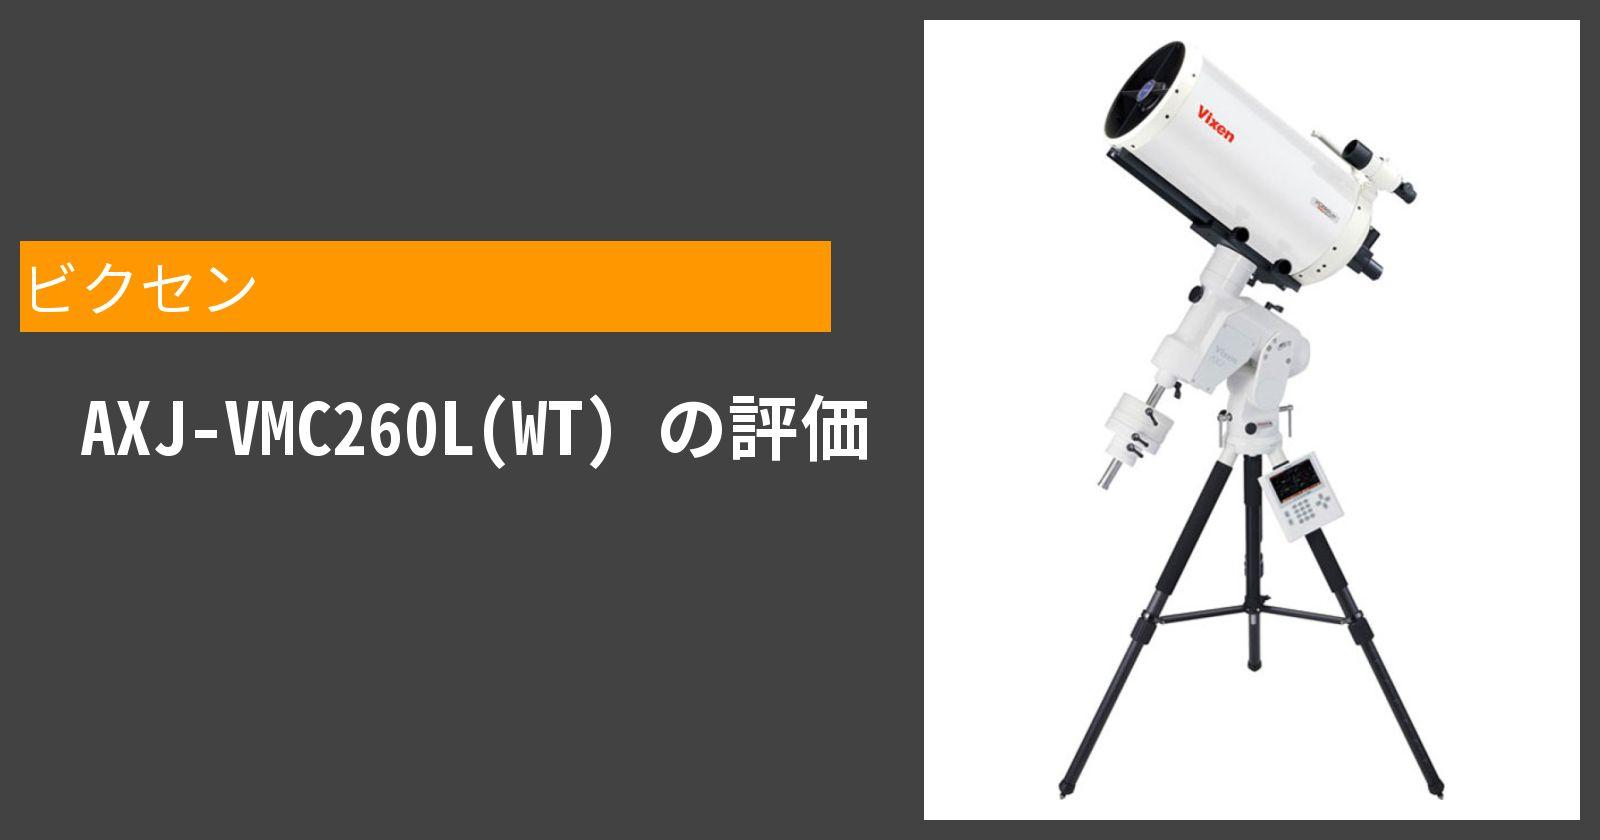 AXJ-VMC260L(WT)を徹底評価